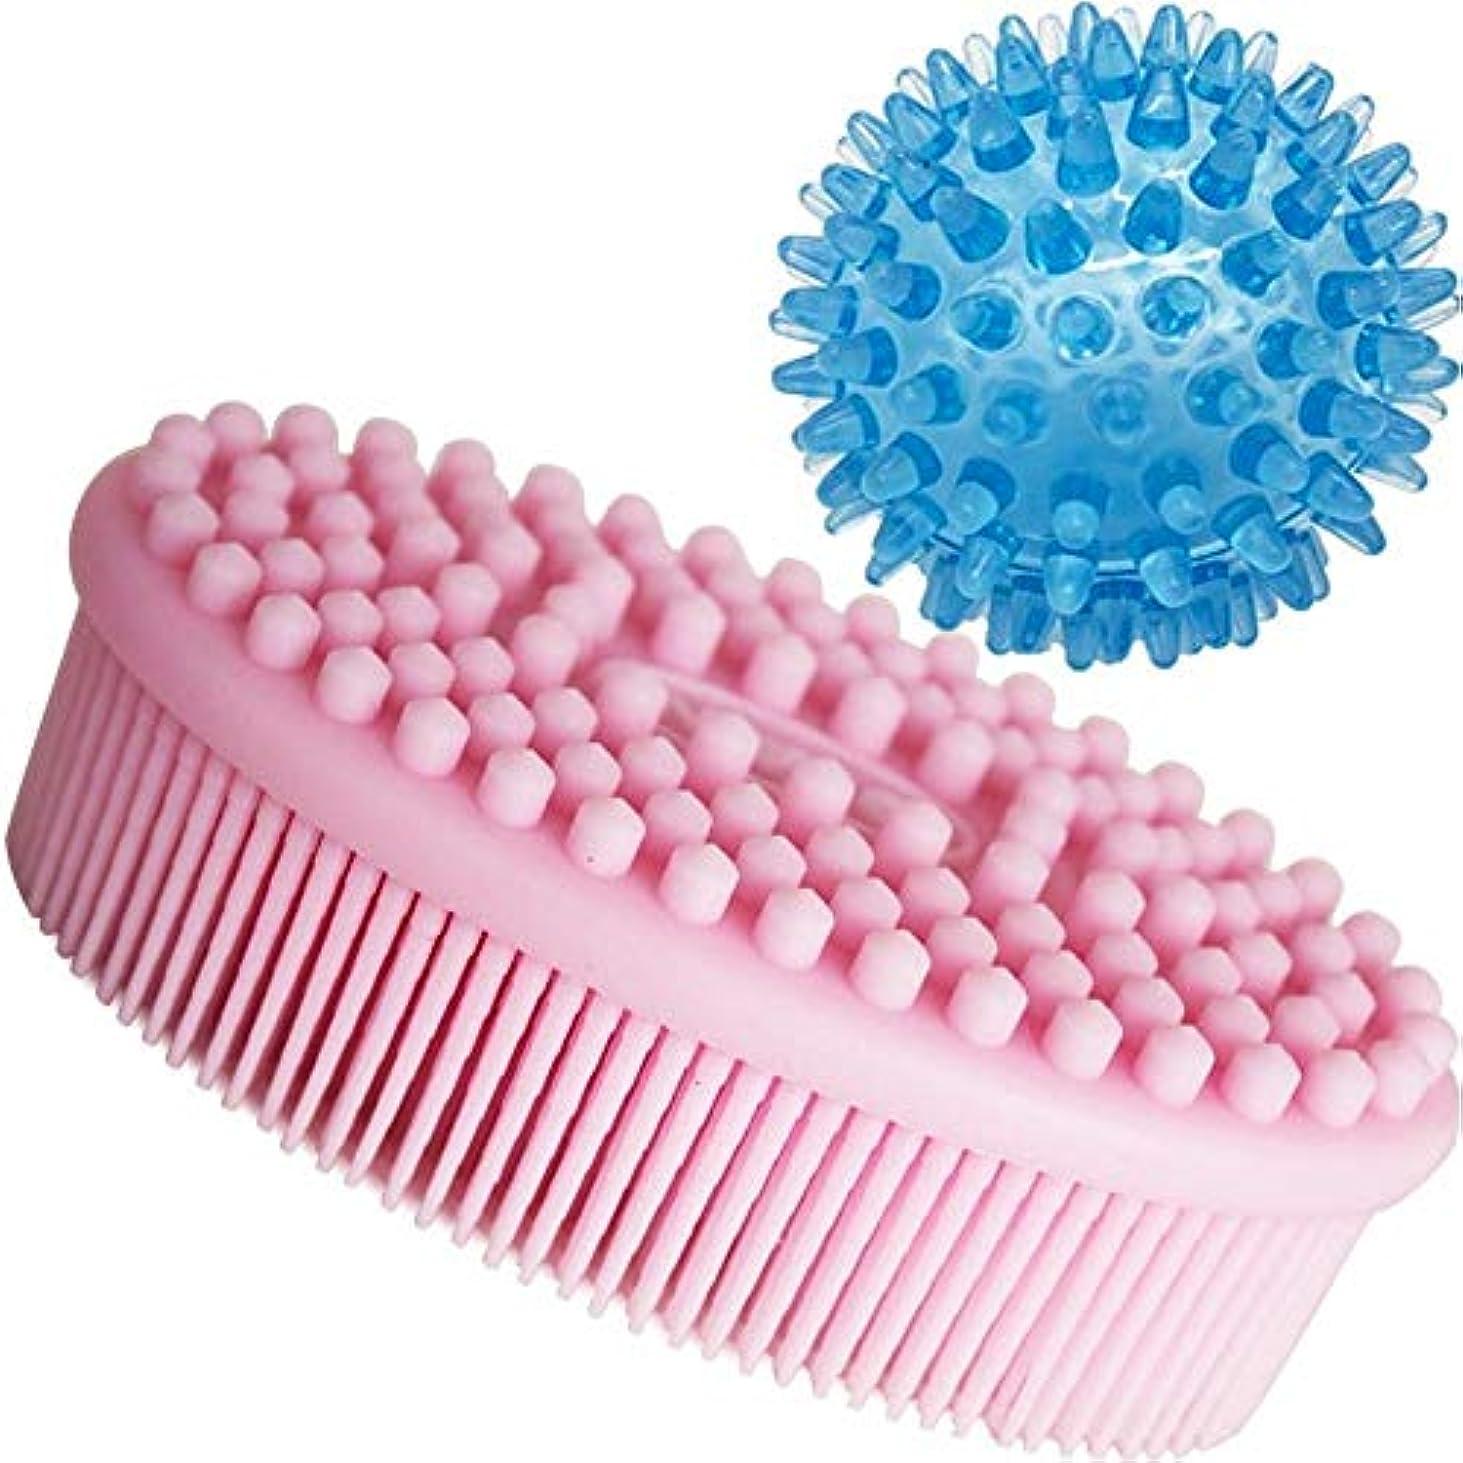 魅惑する謎めいた十分にお風呂 シャワー ブラシ 子供 触覚感覚訓練 マッサージ ボール